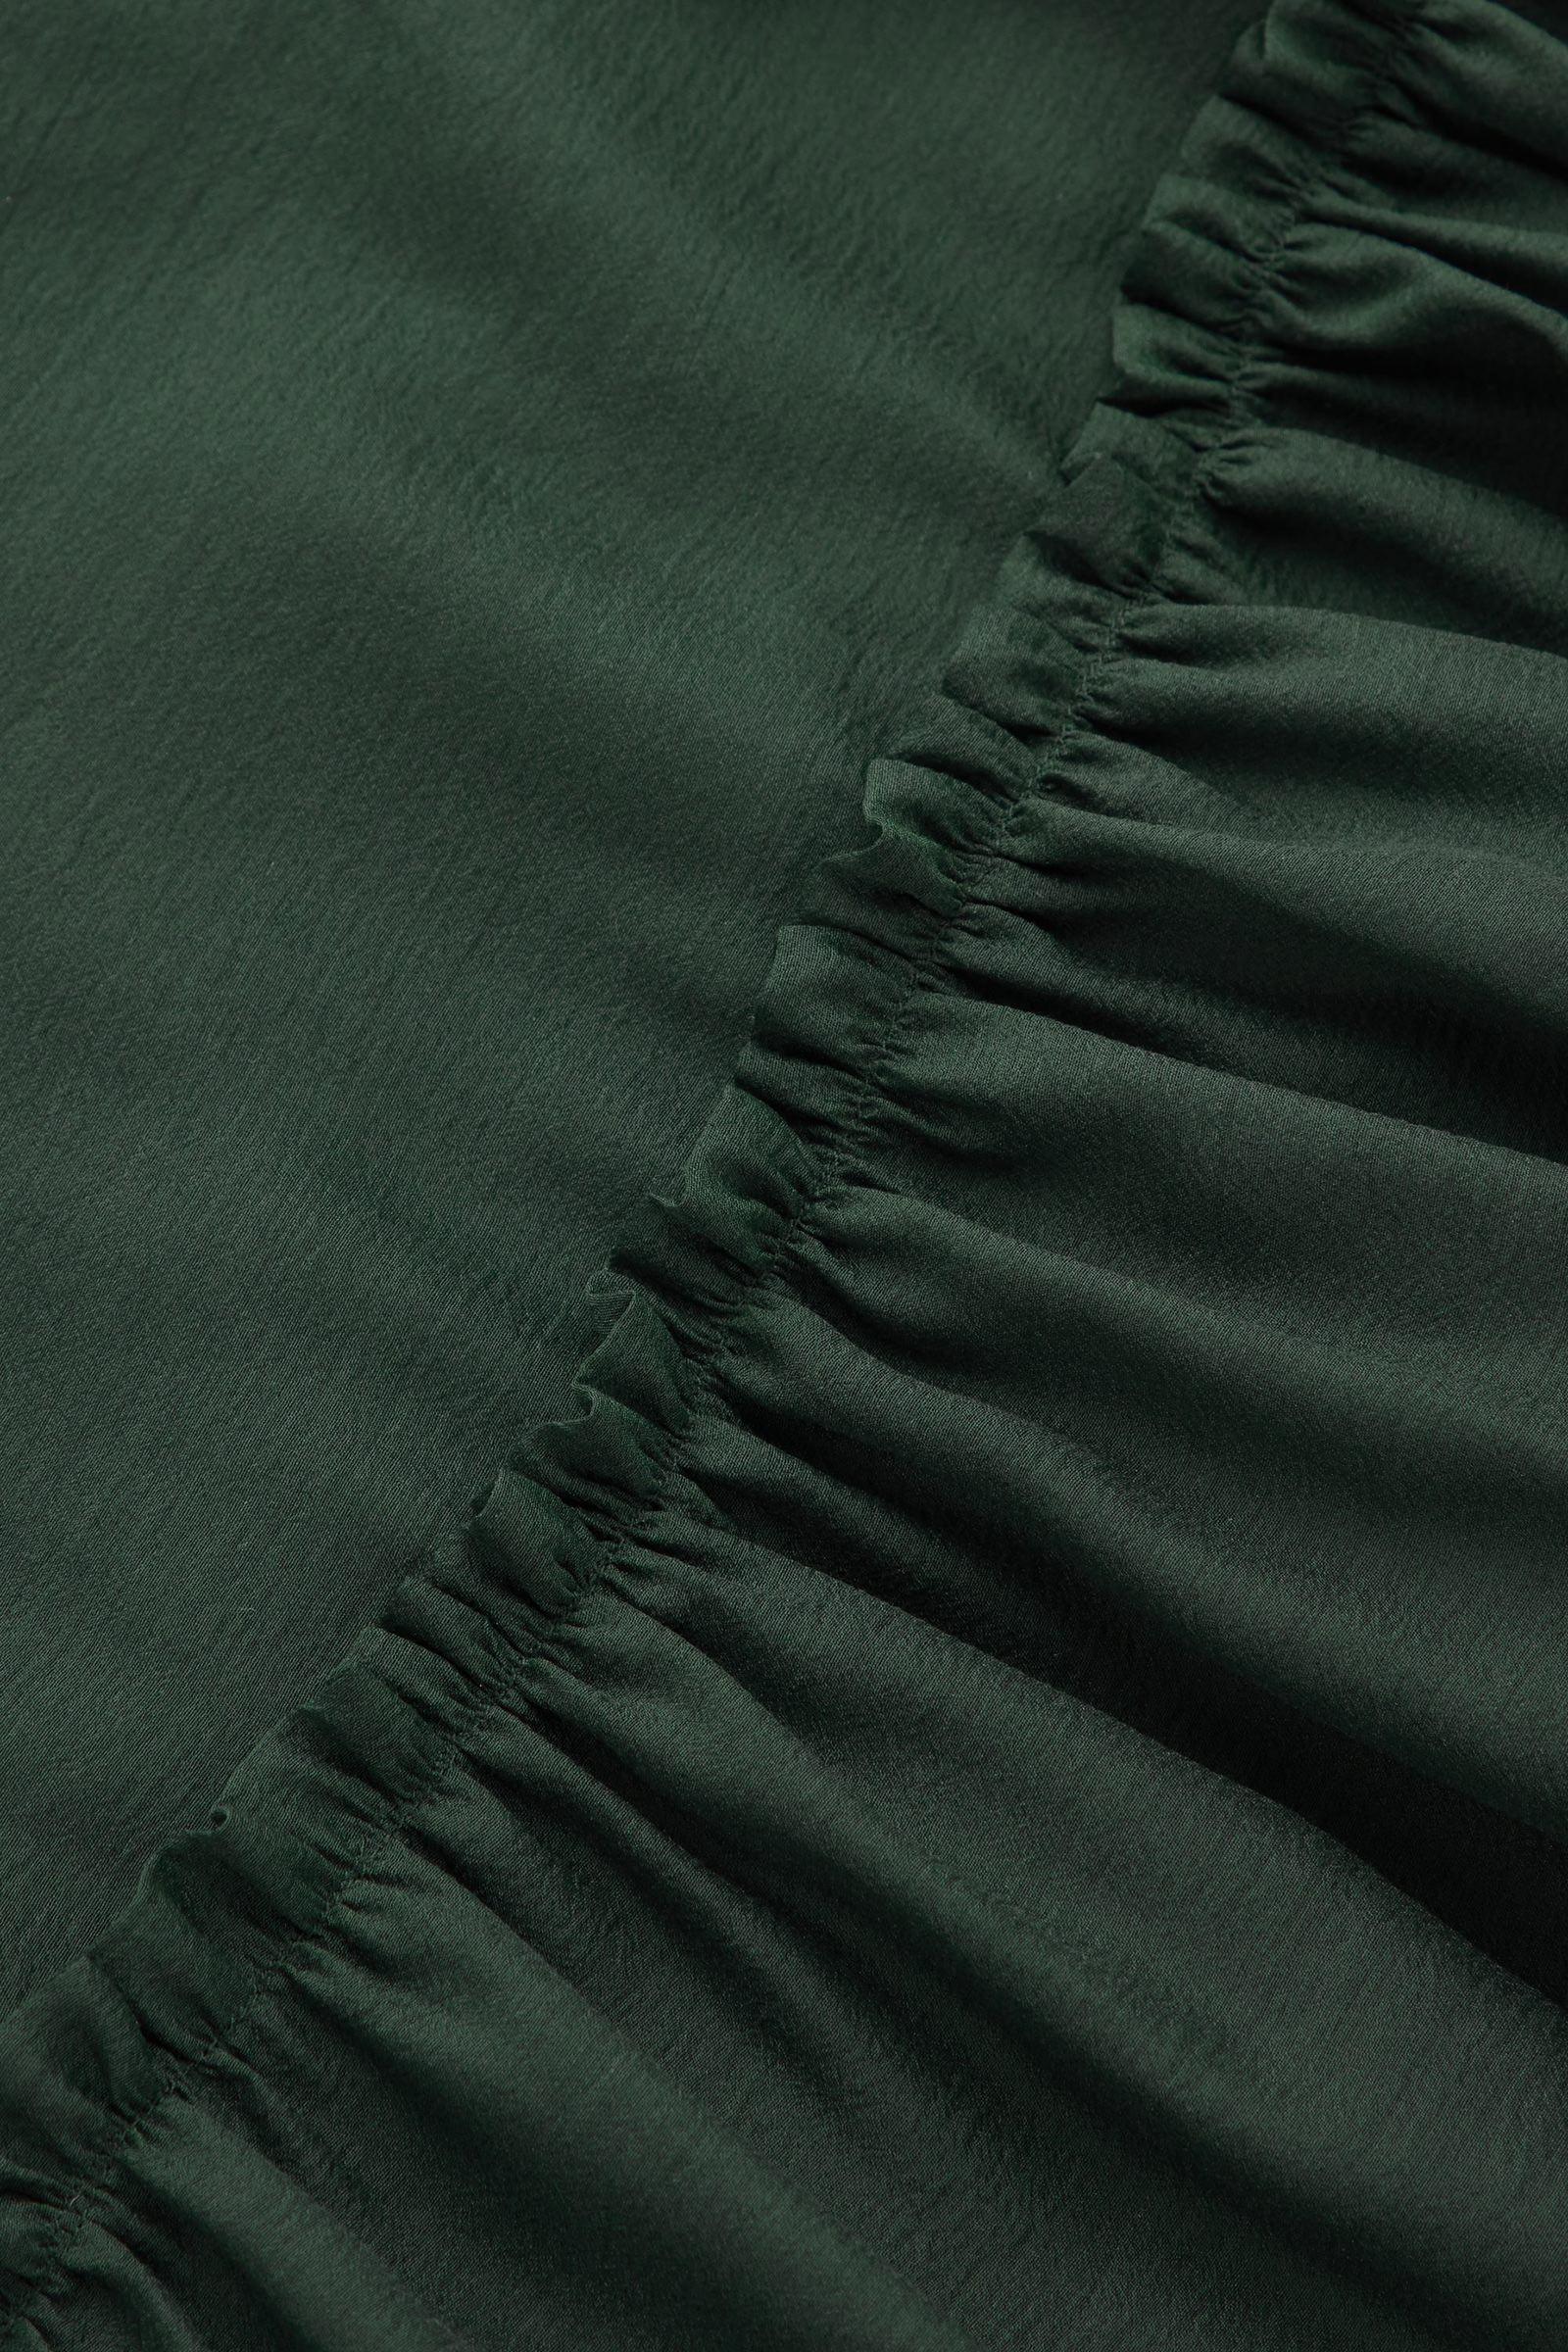 COS 쇼트 슬리브 튤 드레스의 그린컬러 Detail입니다.